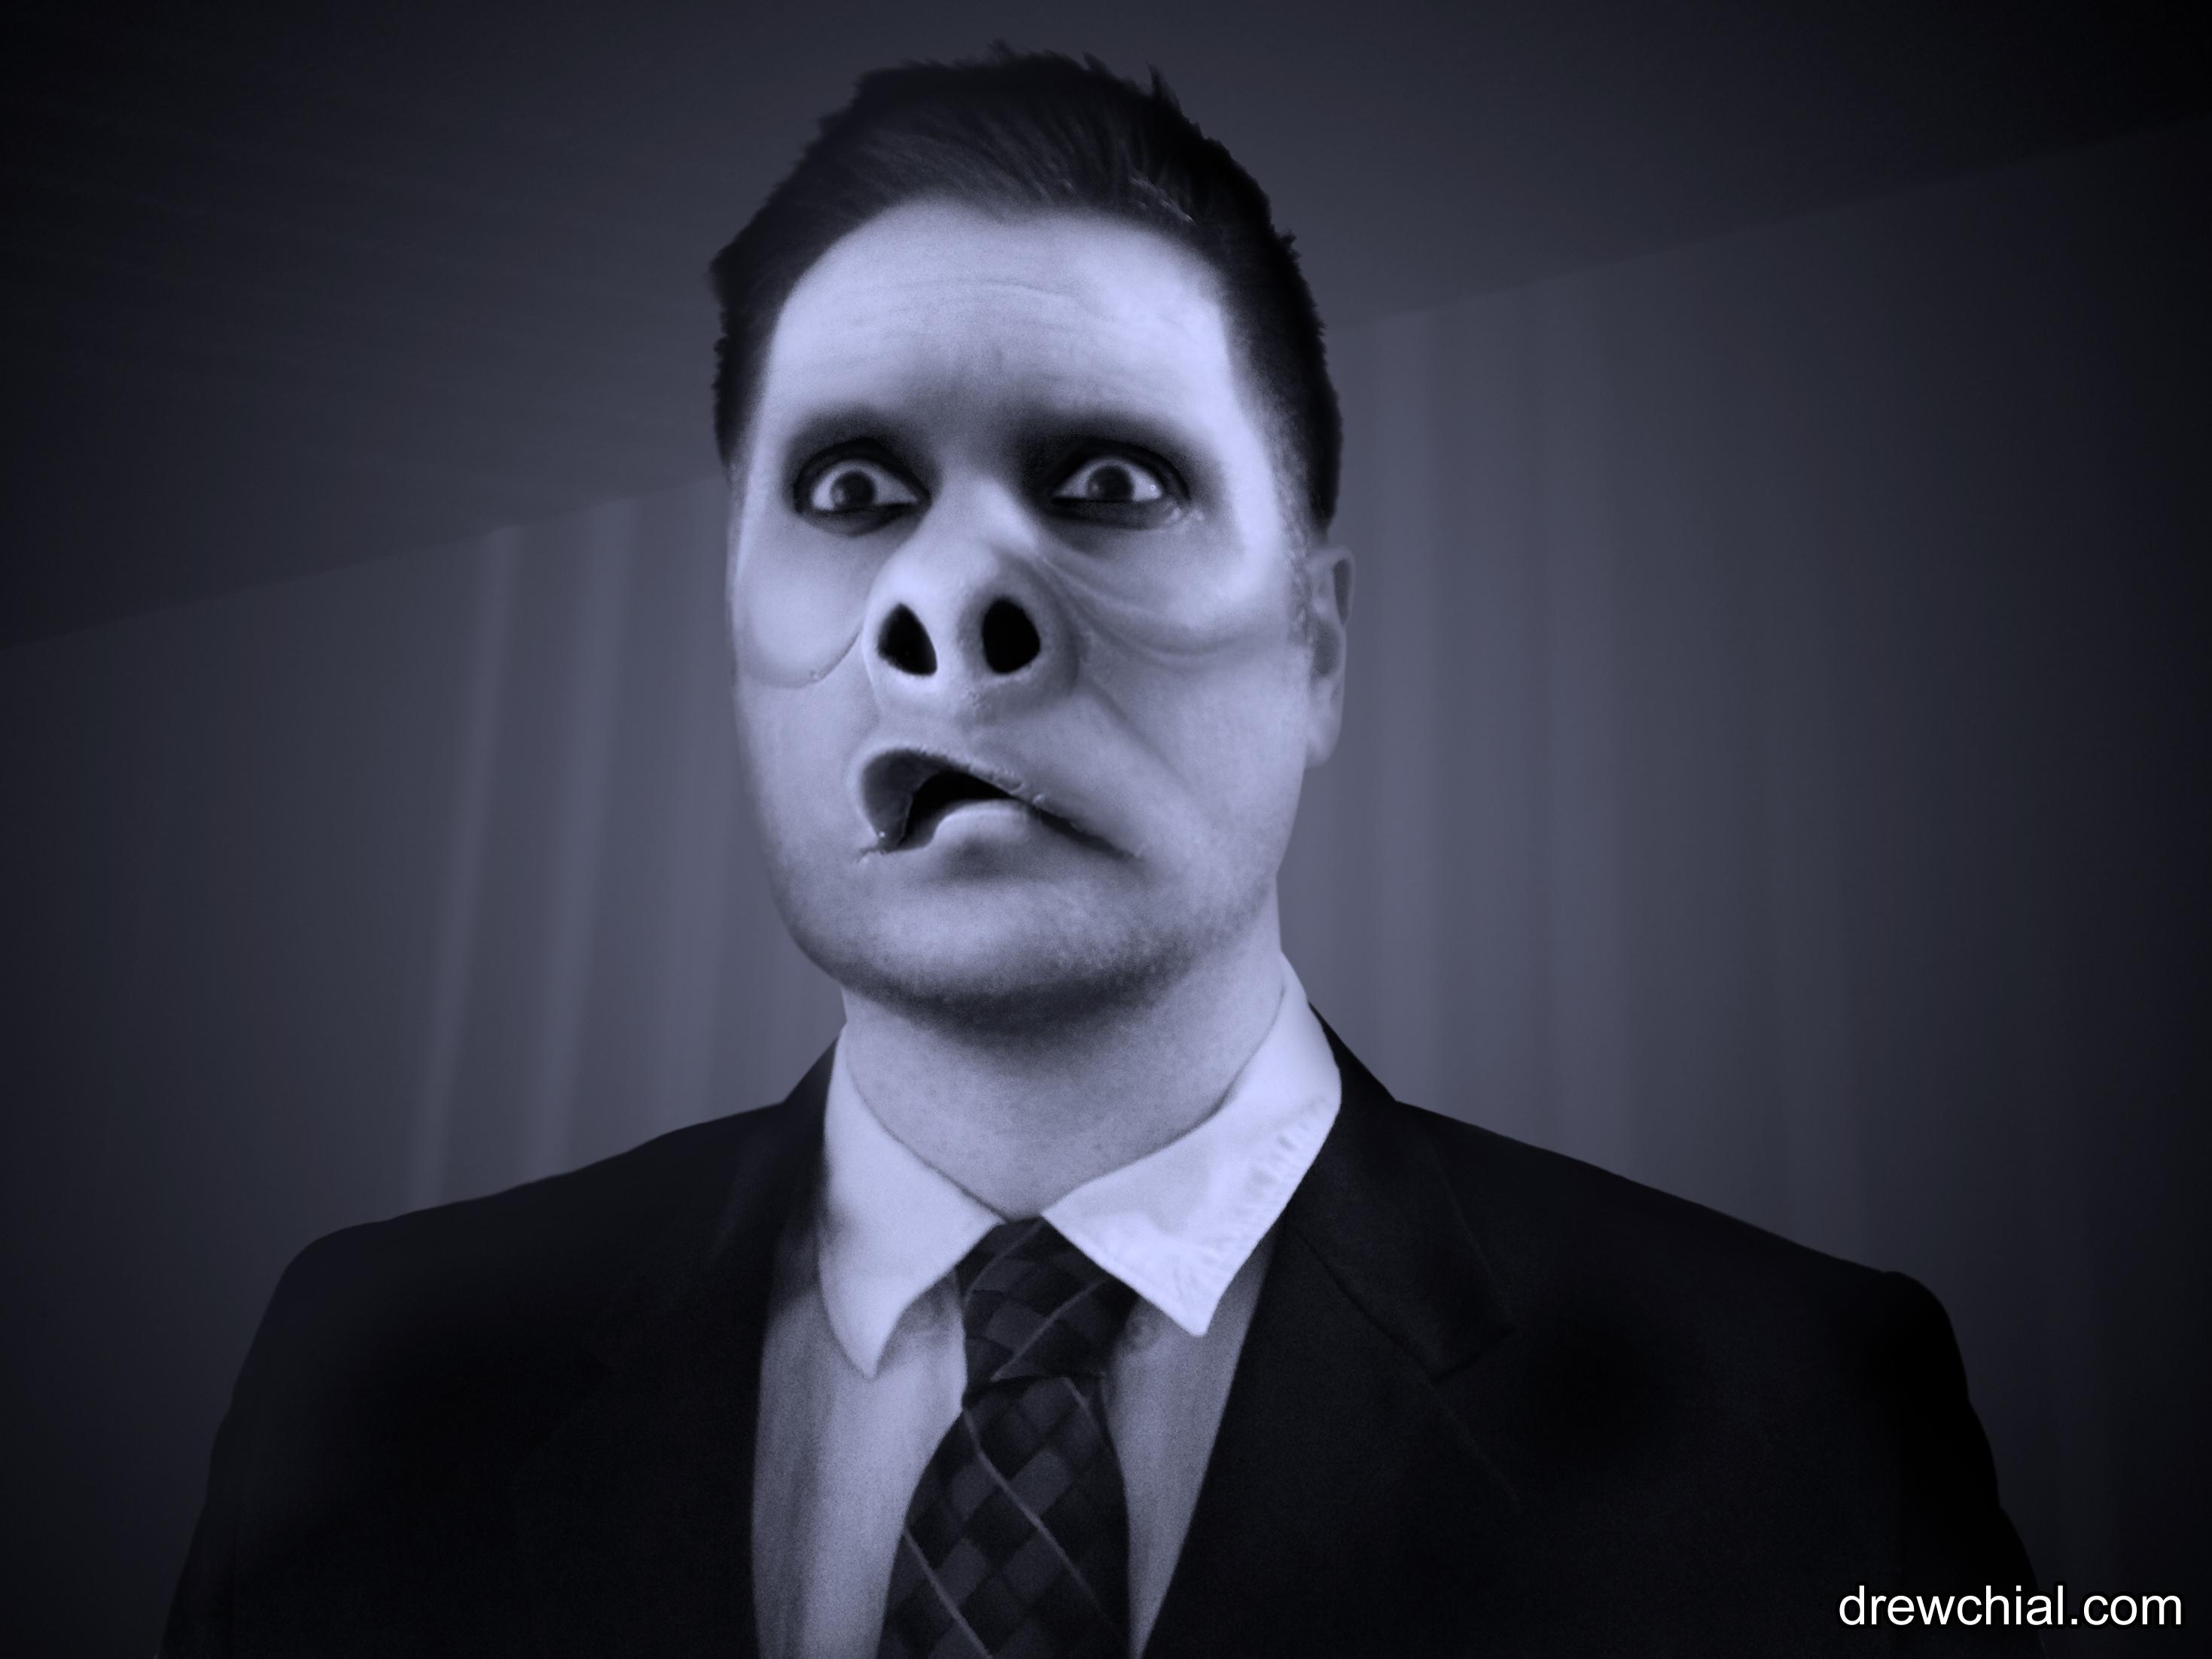 Twilight Zone Drew Chial Page 2